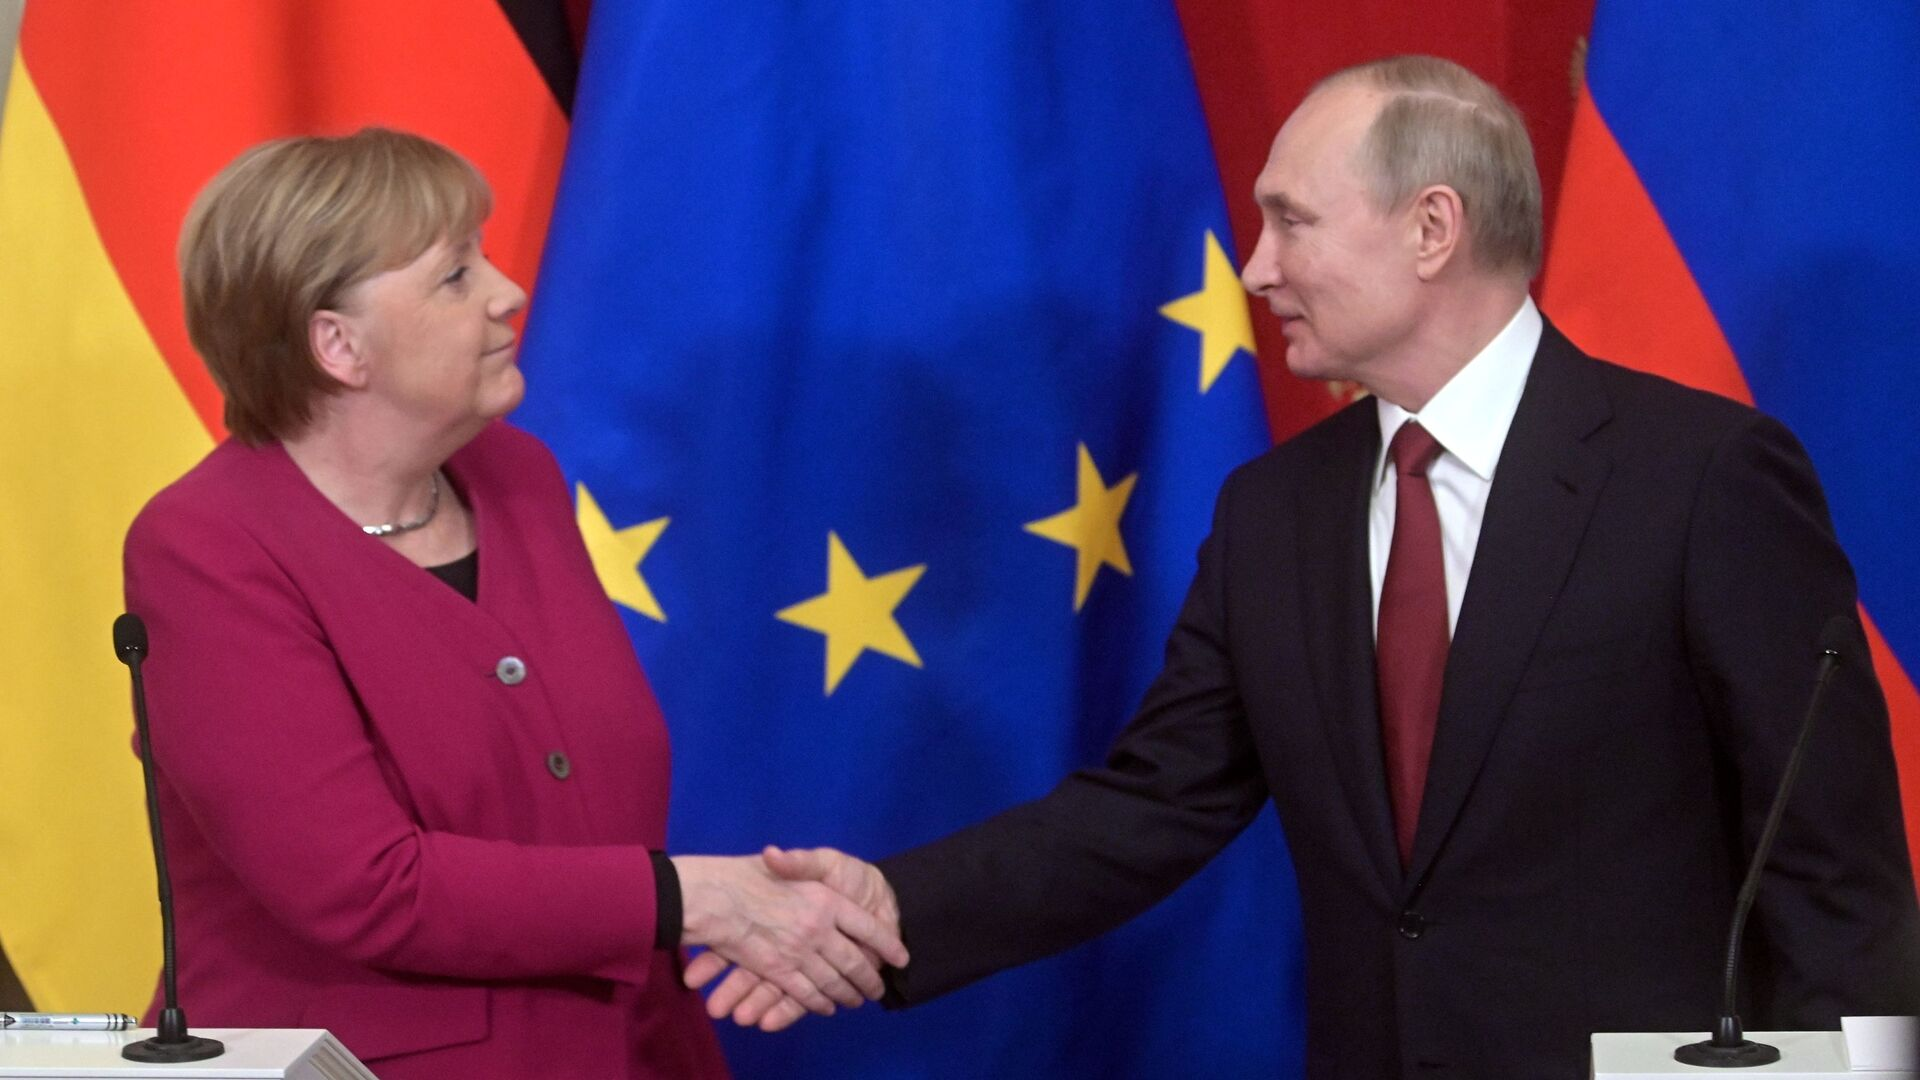 Kanclerz Niemiec Angela Merkel i prezydent Rosji Władimir Putin w czasie spotkania w Moskwie - Sputnik Polska, 1920, 26.06.2021